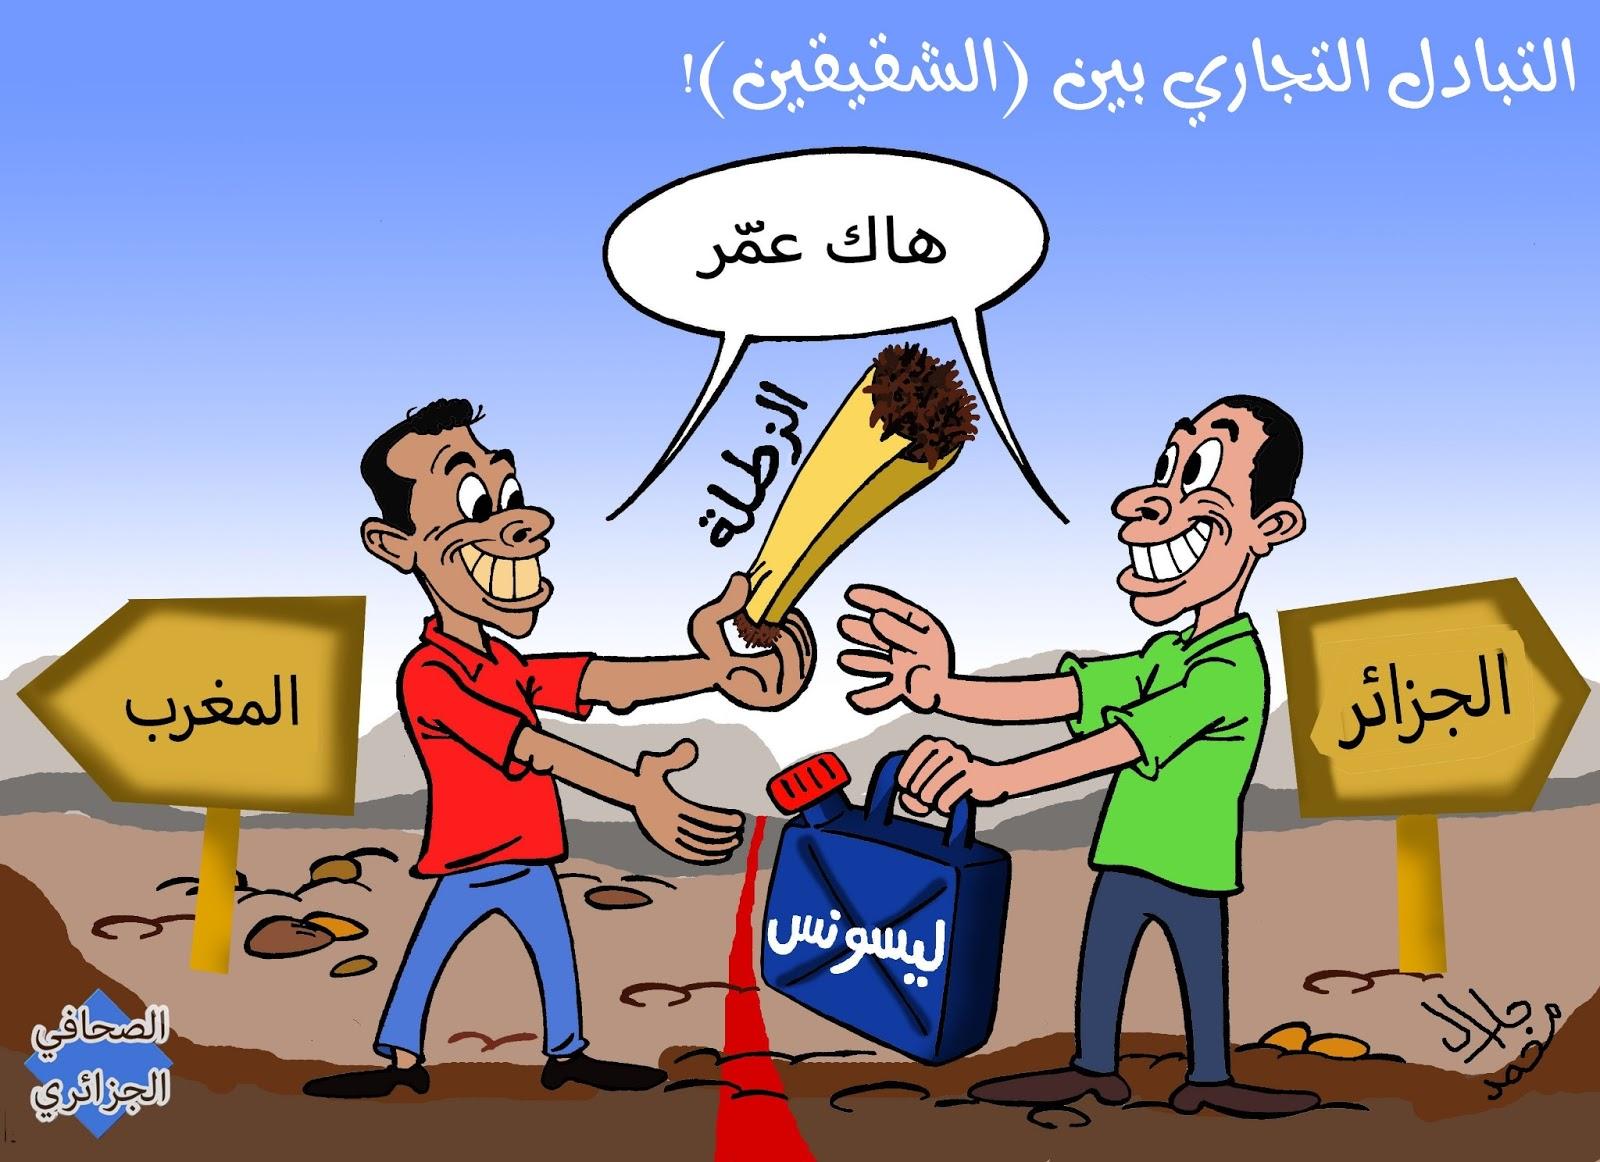 أعرب المغرب عن quotتنديده الشديدquot